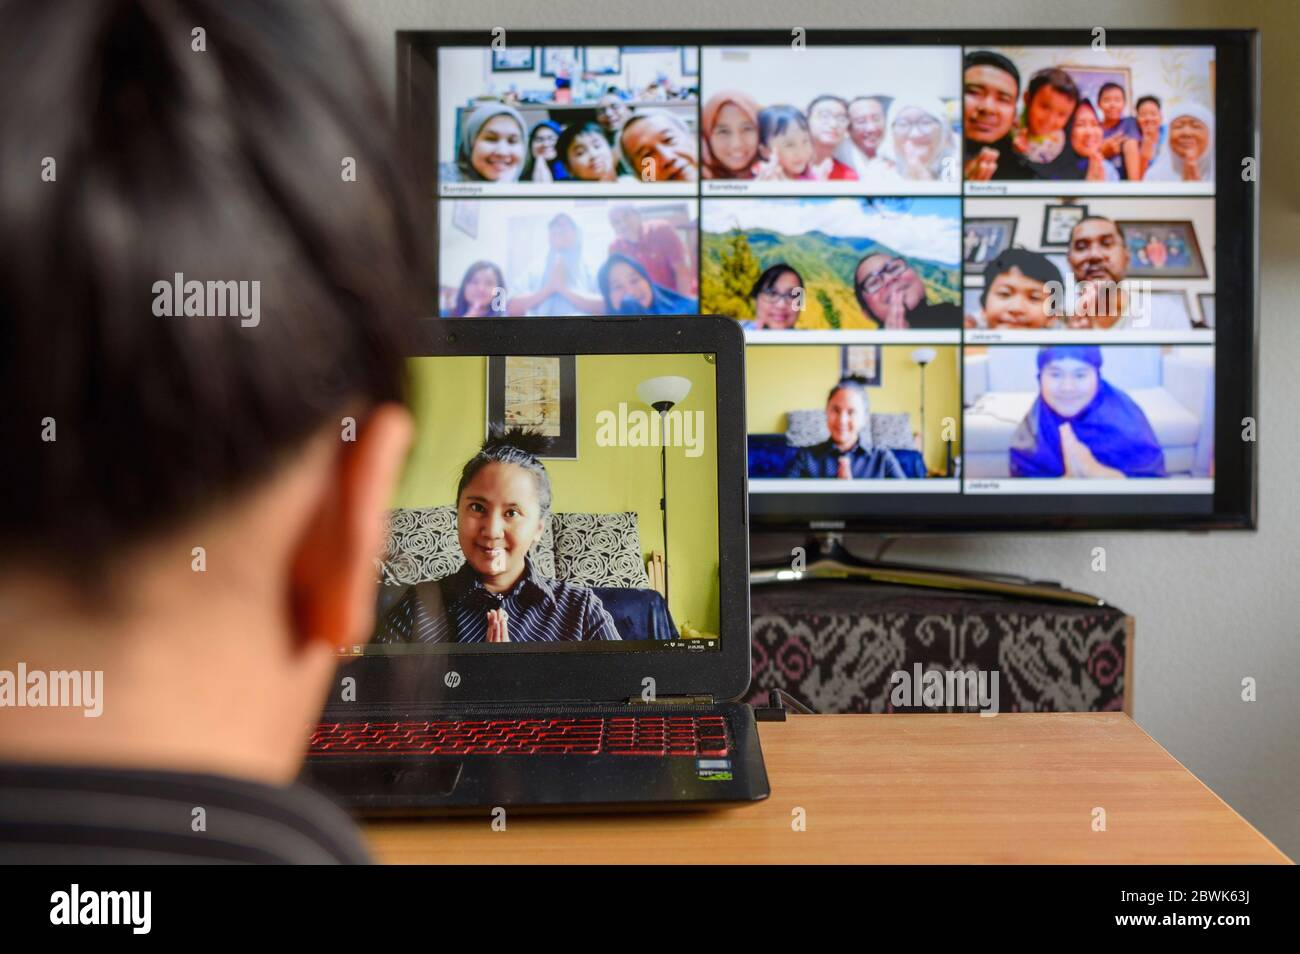 Digital Meeting: Eine große Familie, die über mehrere Kontinente verteilt wohnt, trifft sich online zum Digital Fest nach dem Ende des Ramadans in Corona-Zeiten (Model Release der Beteiligten liegt vor, Namen unter den Porträts wurden digital verändert). Nürnberg, 31.05.2020 | usage worldwide Stock Photo